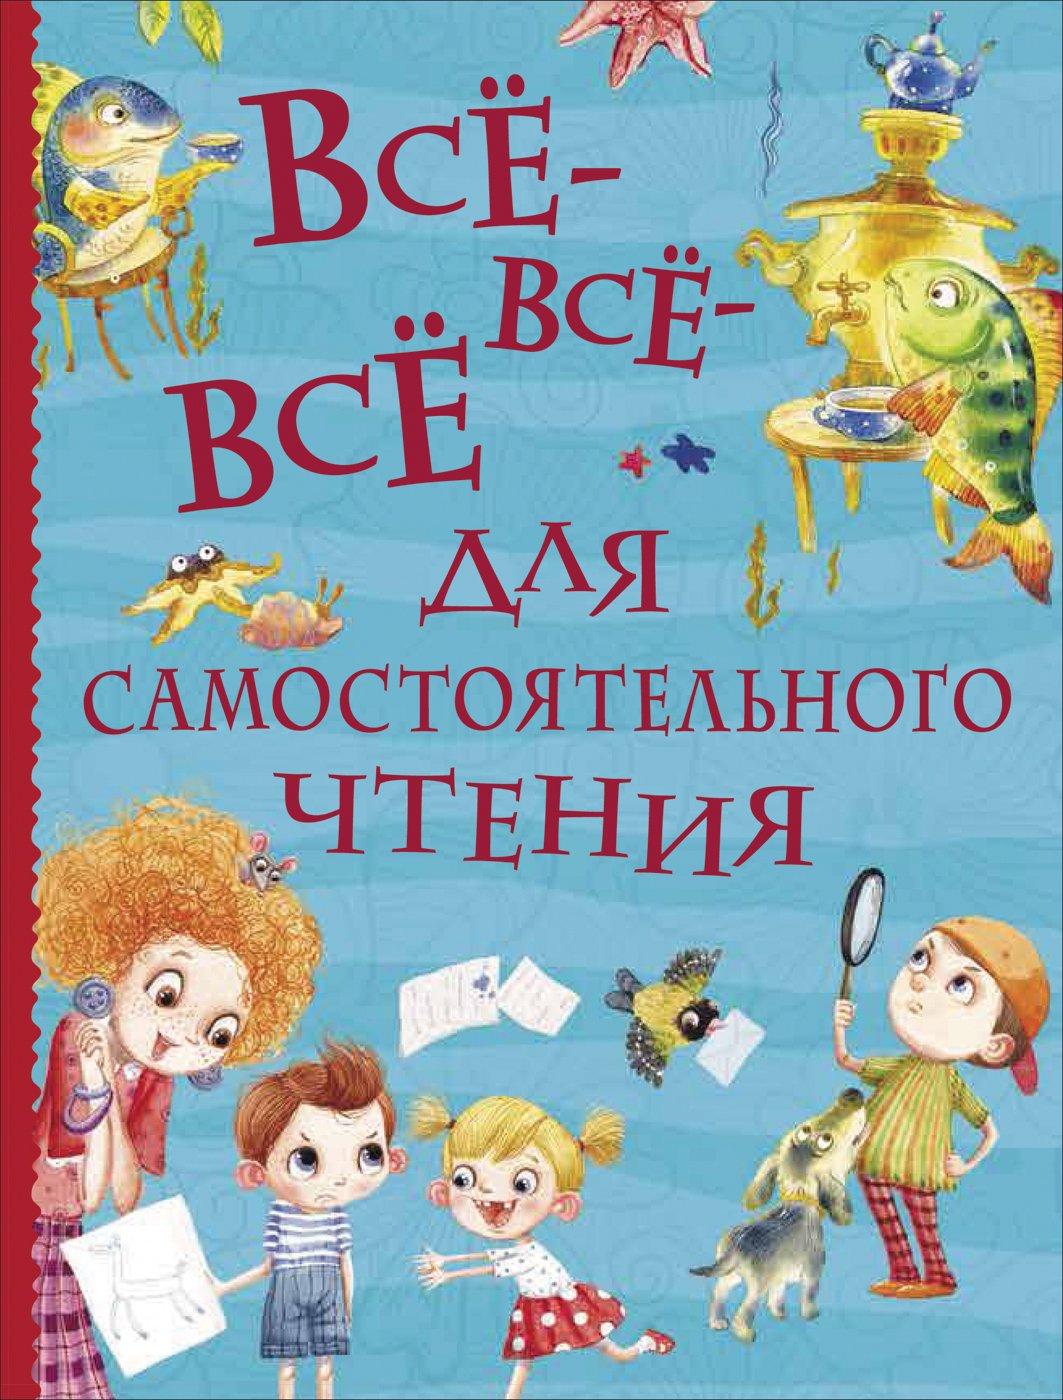 Толстой Лев Николаевич, Осеева Валентина Александровна Все-все-все для самостоятельного чтения